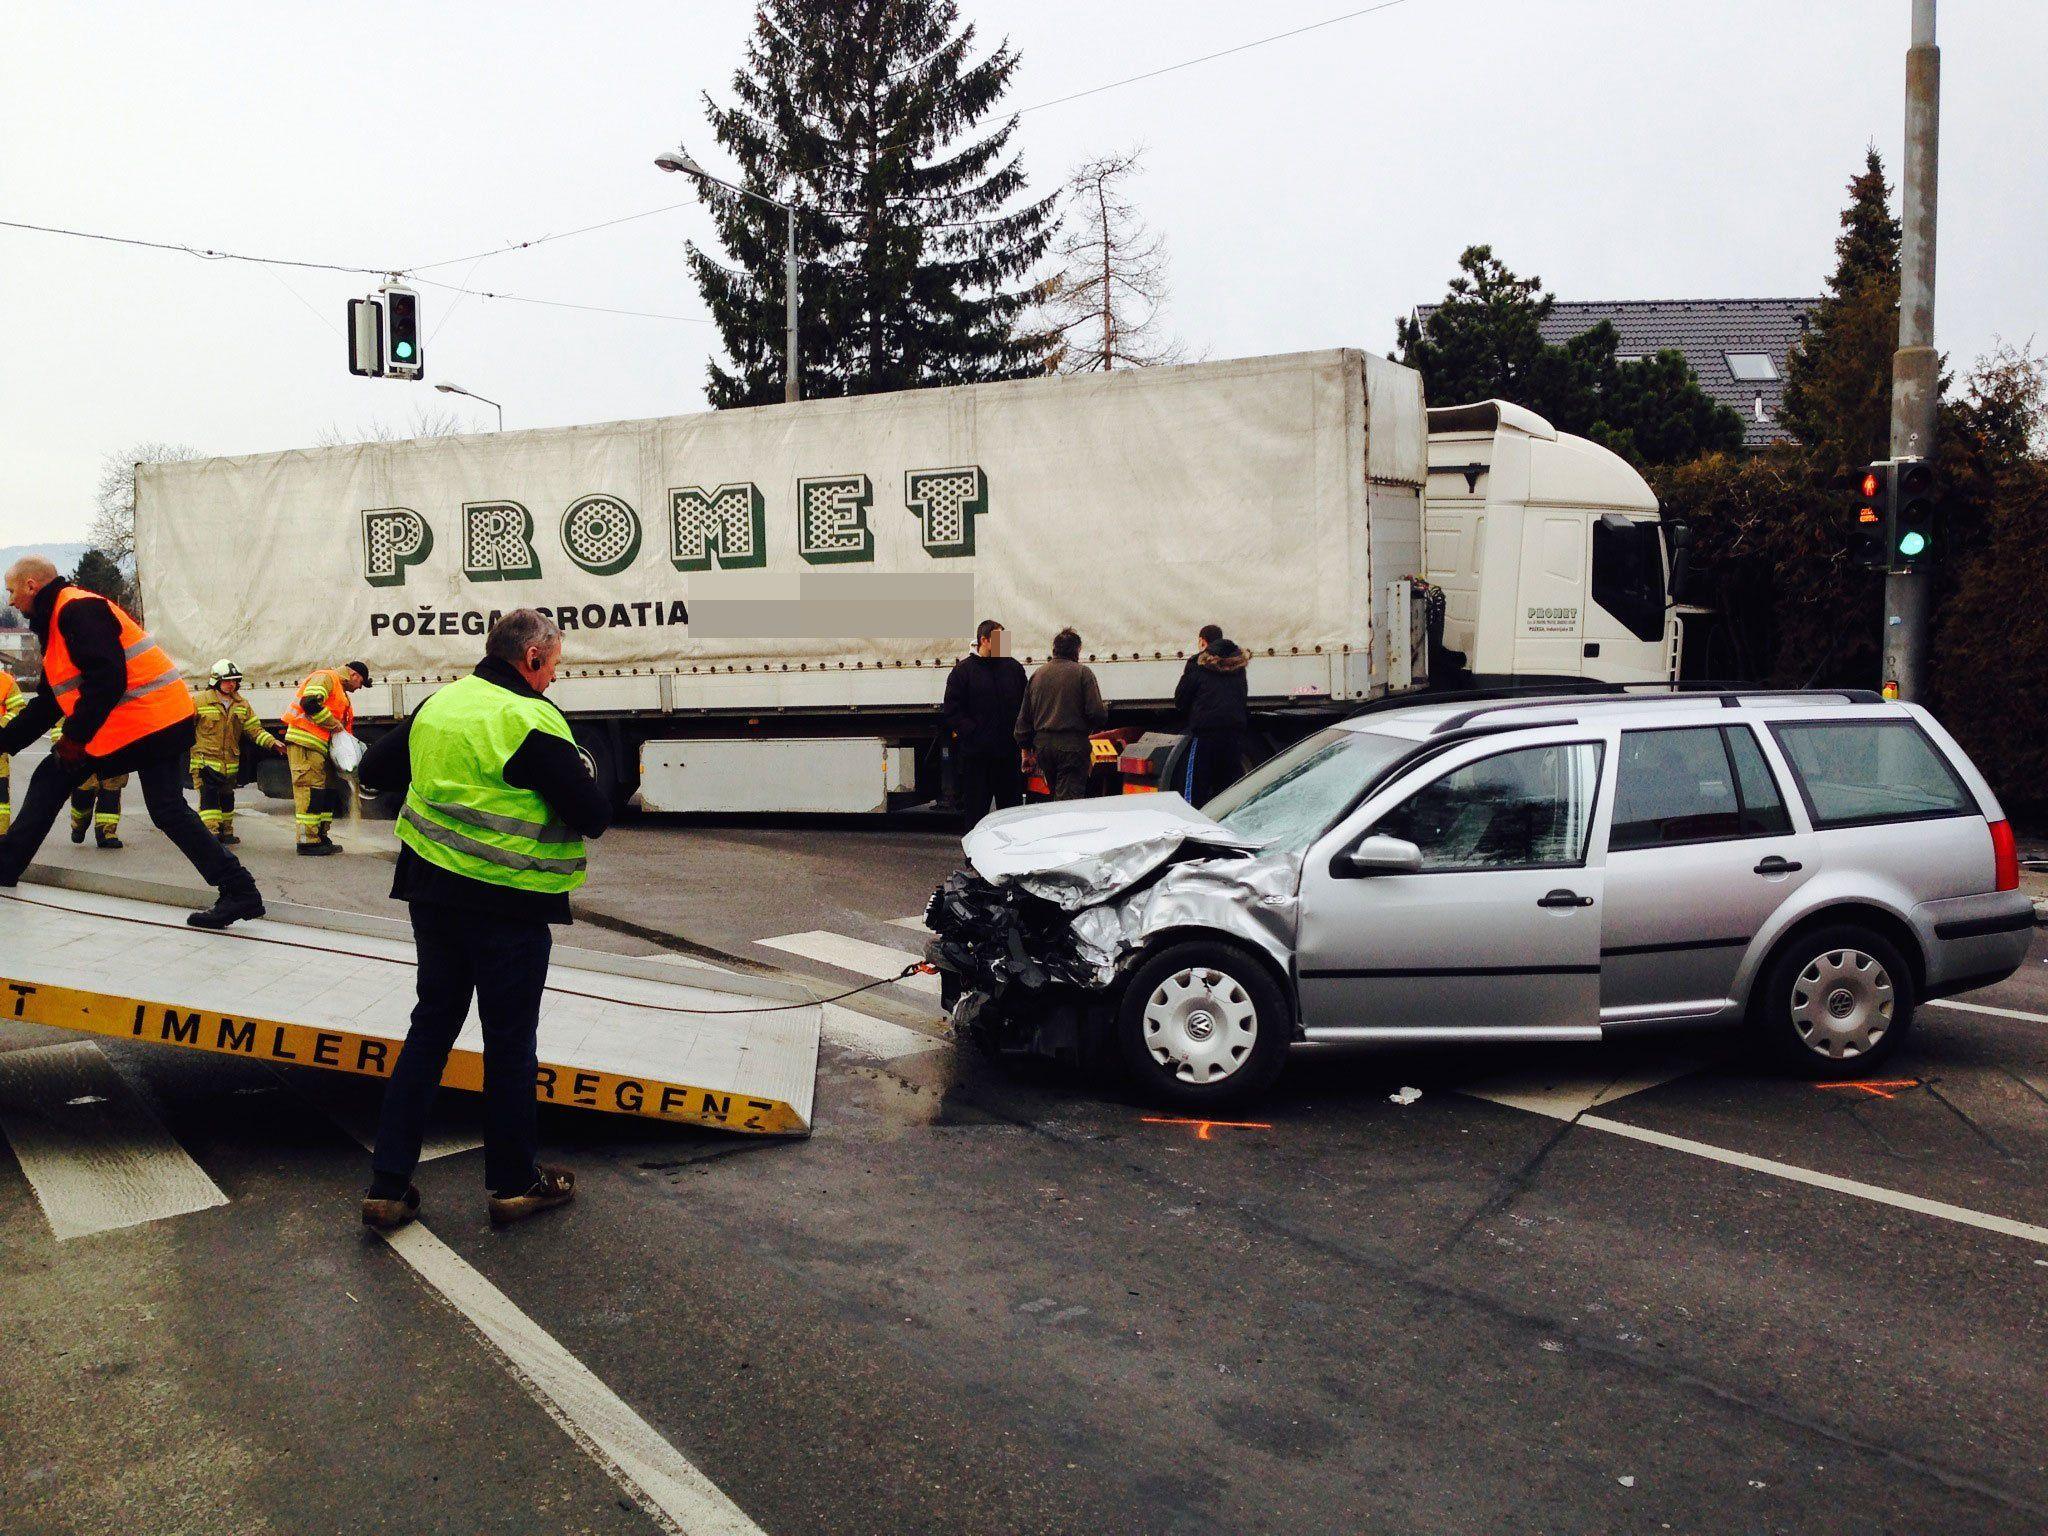 Lkw kracht in Pkw - Schweizer Straße in Hard musste kurzzeitig gesperrt werden.